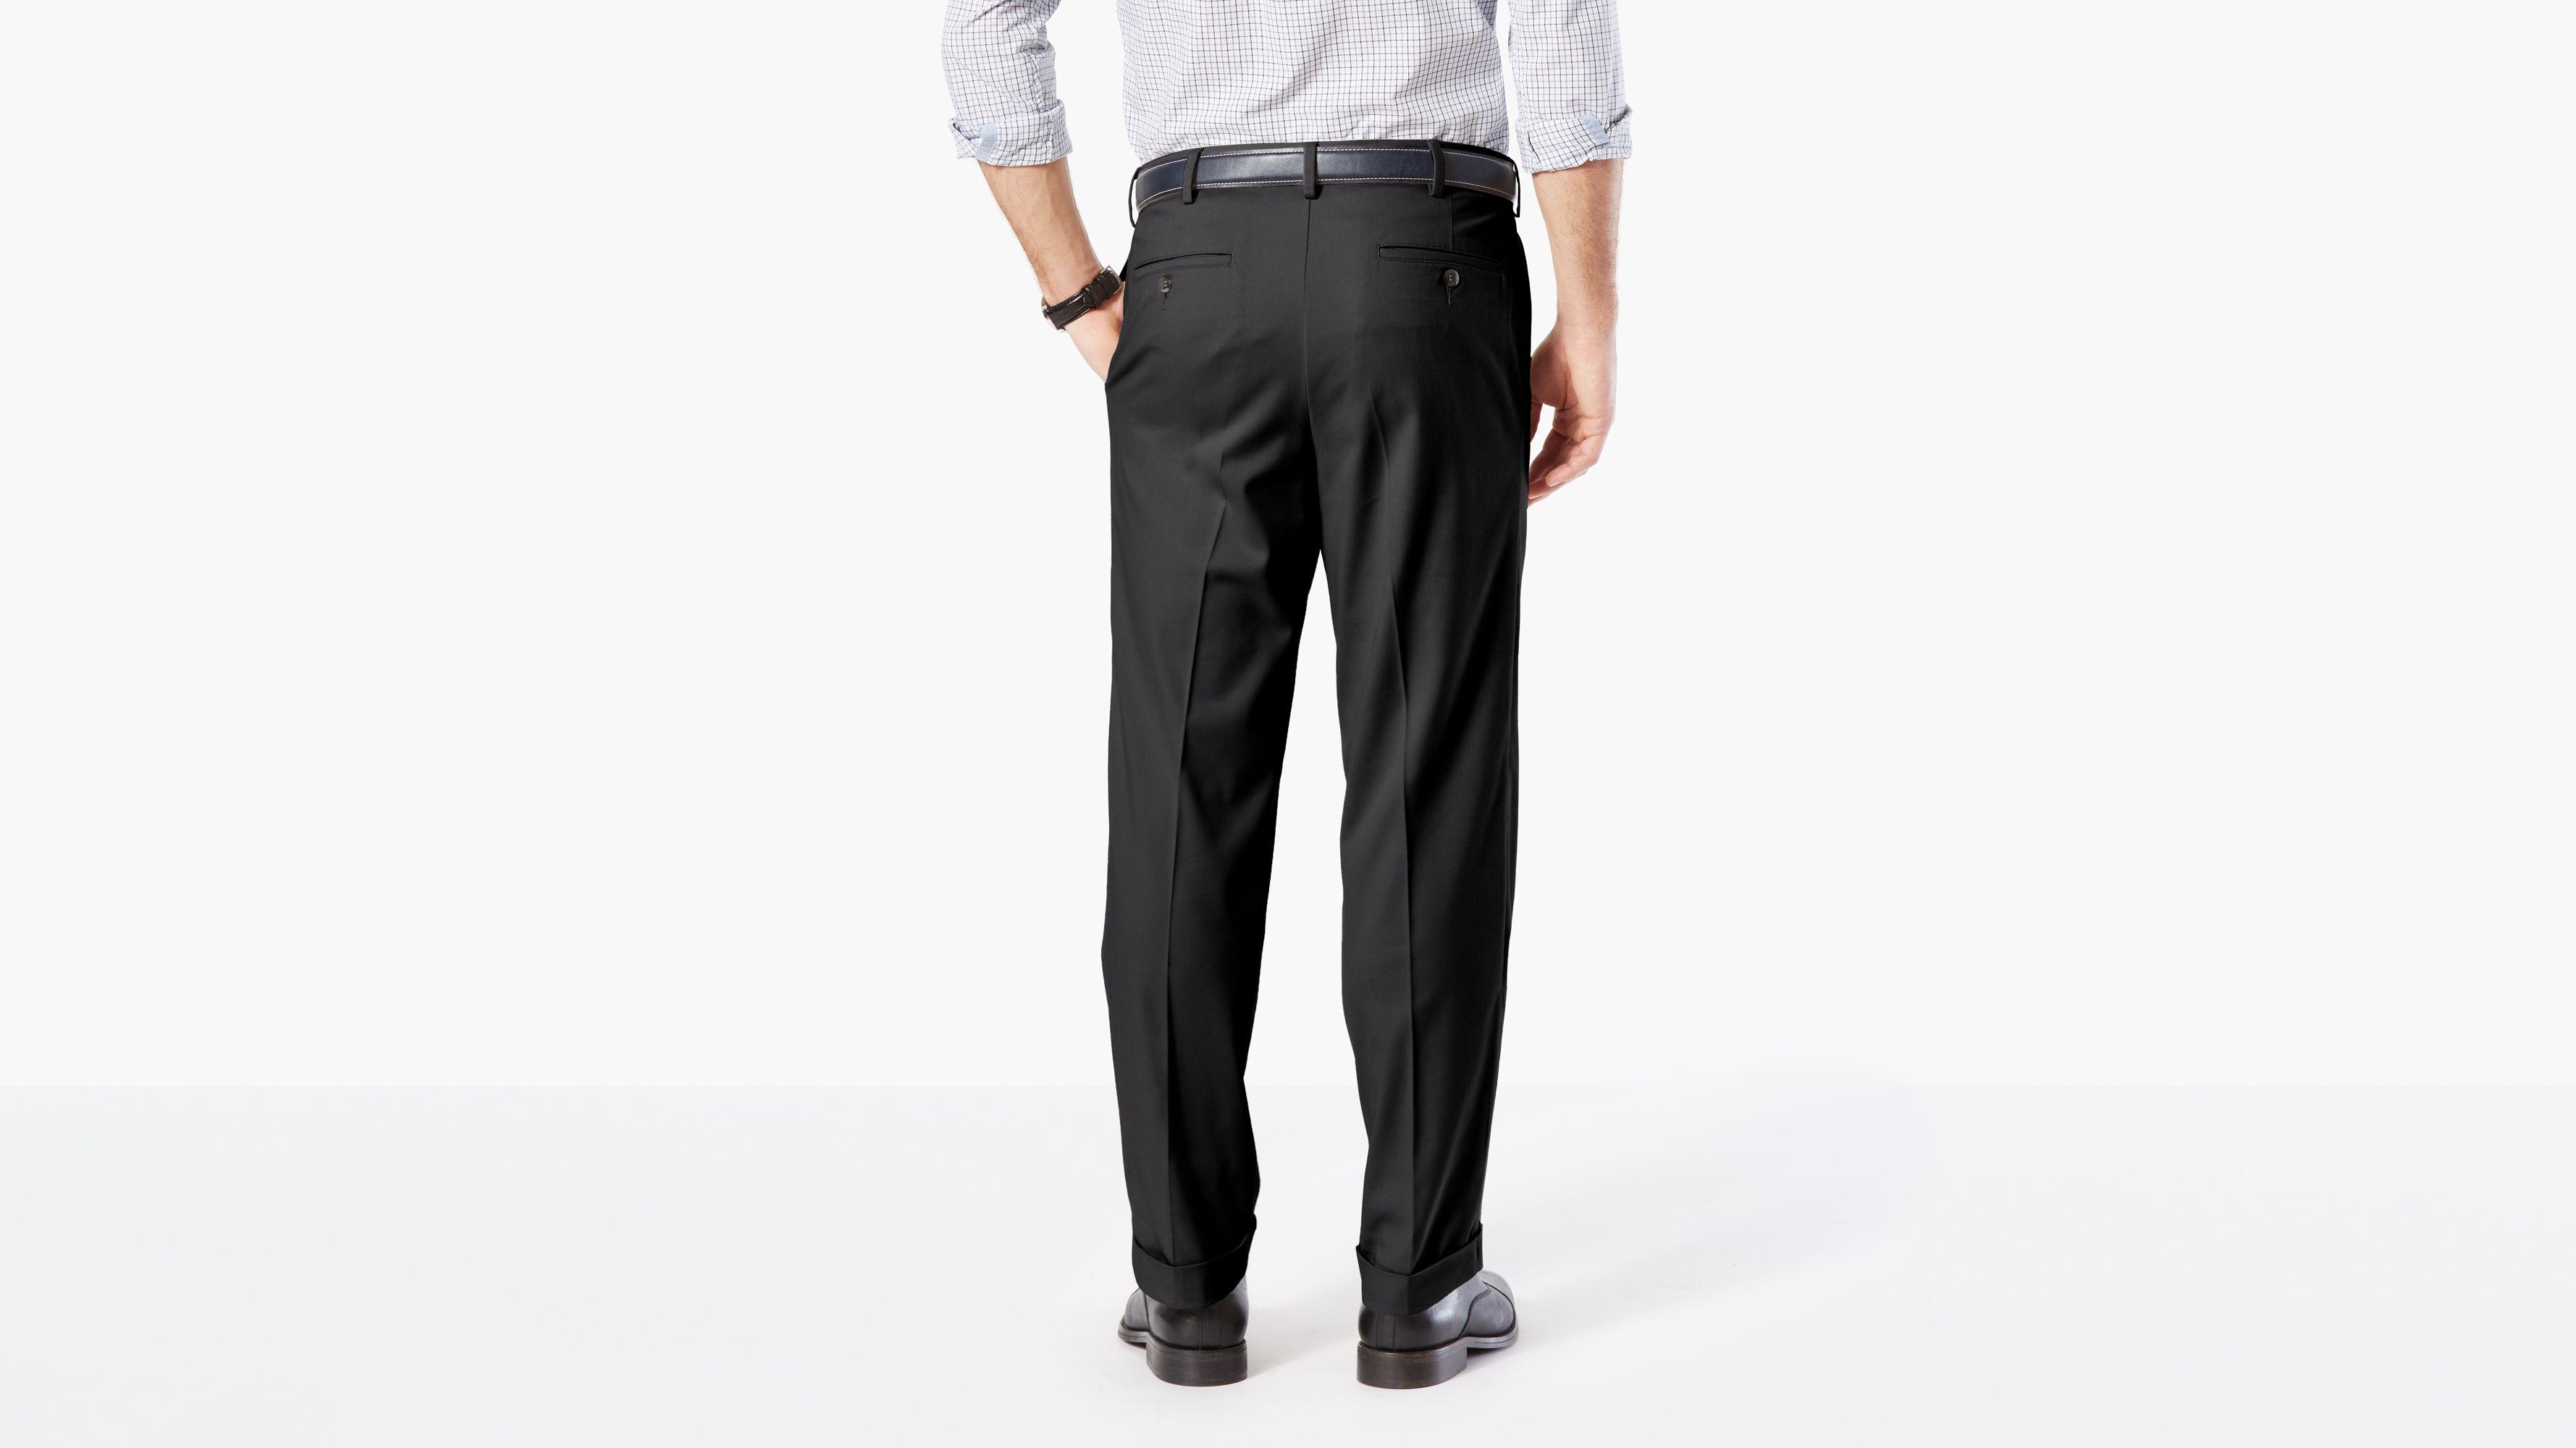 Mens pants Pleated Black Dress cuffed 29 30 32 33 34 36 X 30 32 34 NEW RETRO USA